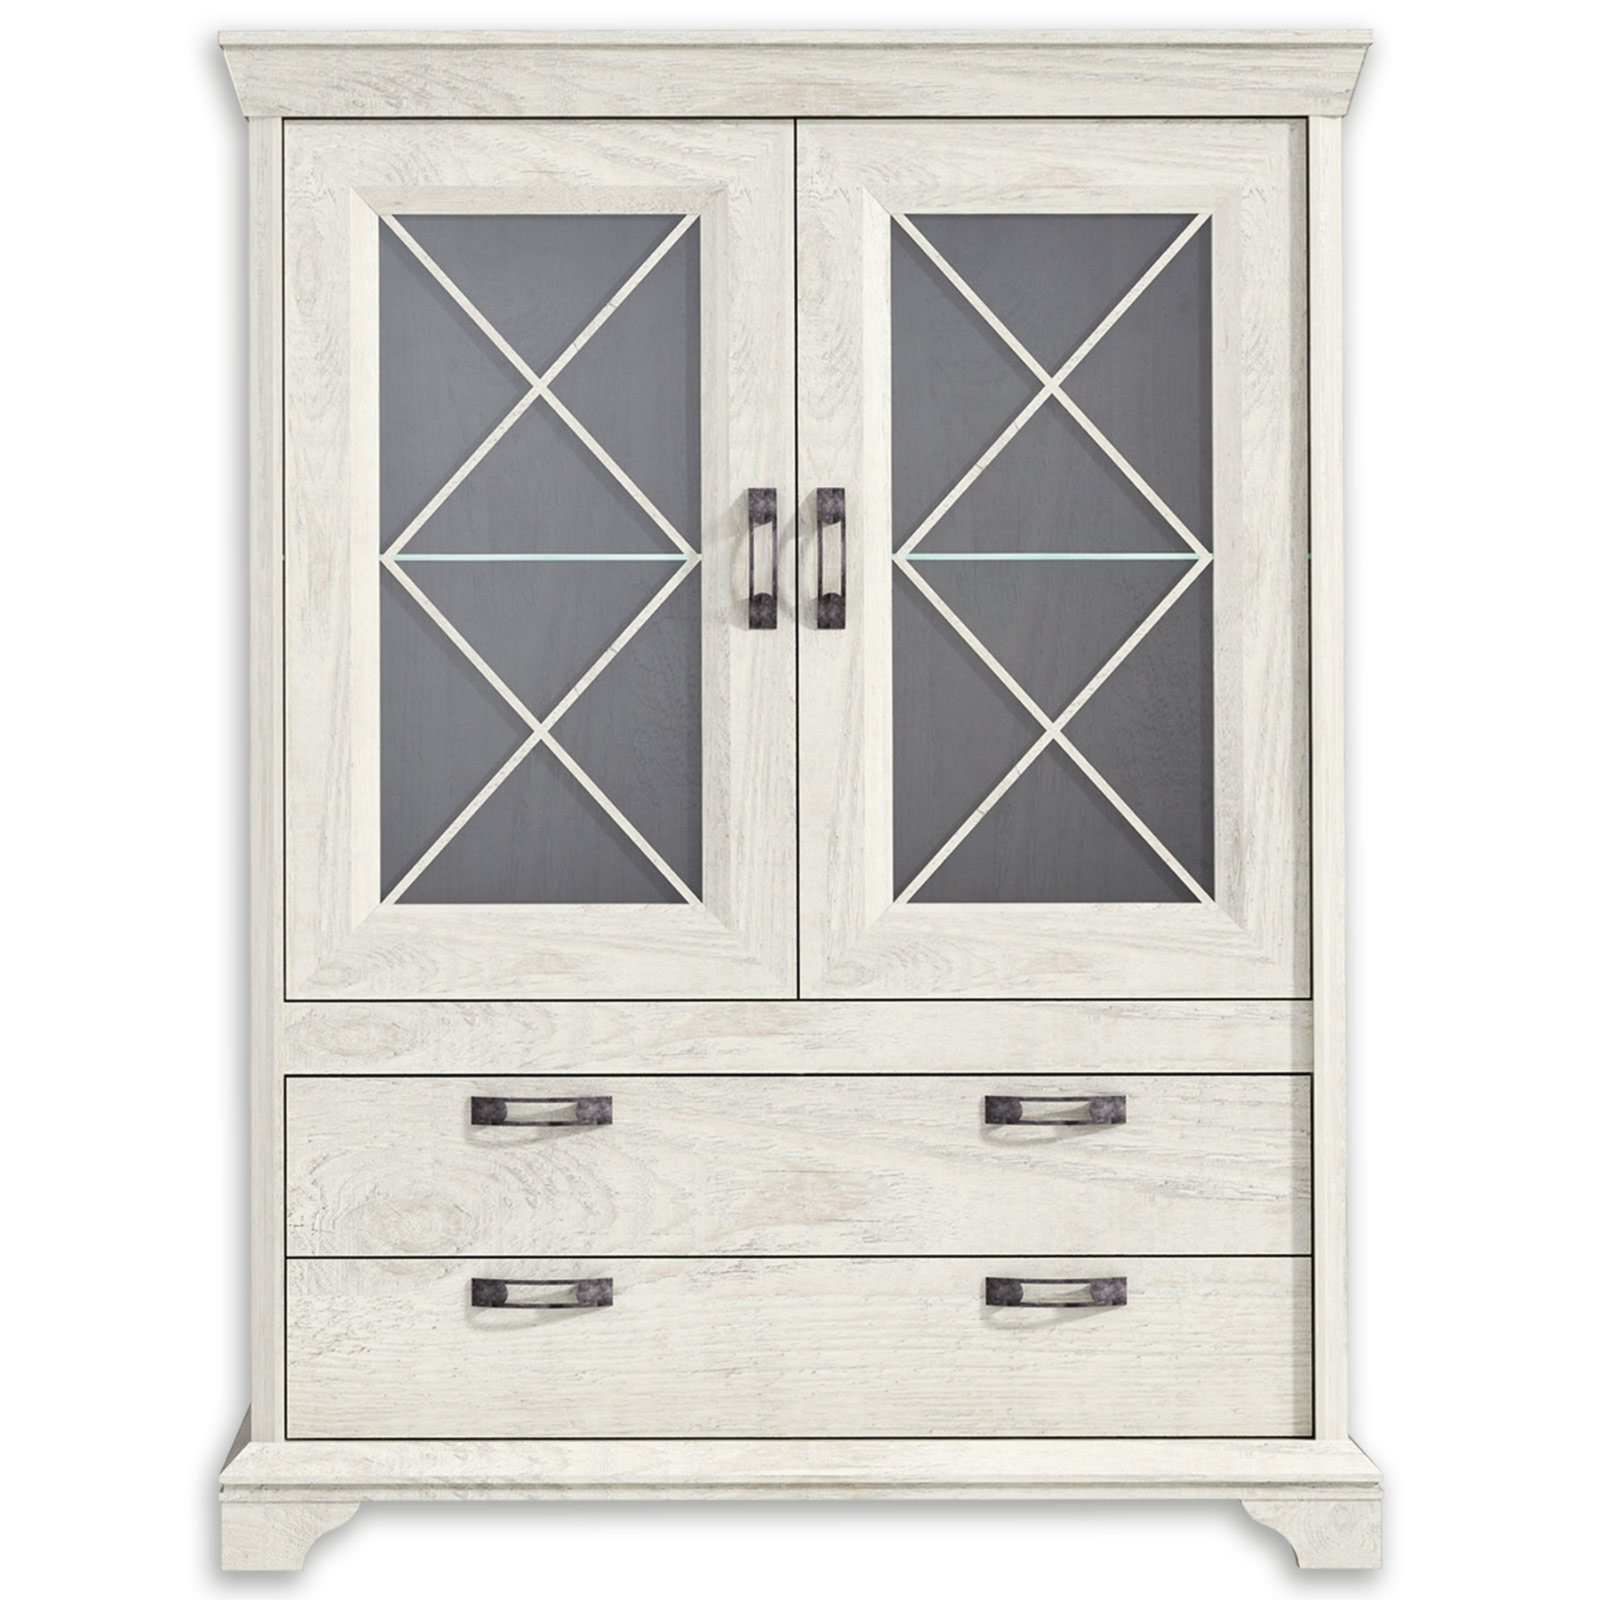 vitrine breit kashmir pinie wei mit beleuchtung vitrinen wohnzimmer wohnbereiche. Black Bedroom Furniture Sets. Home Design Ideas